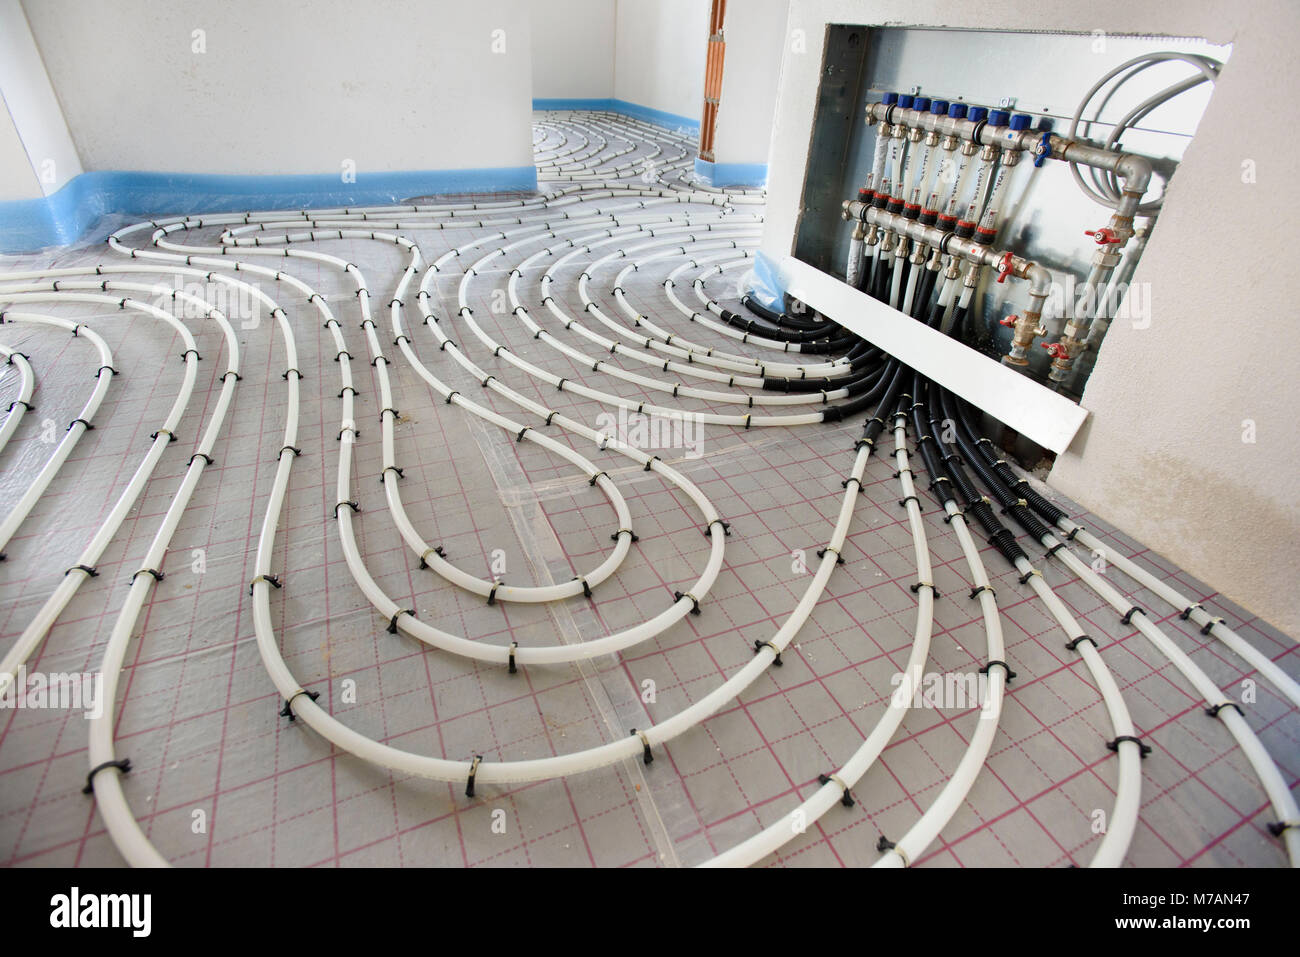 Hausbau mit Innenausbau der Fußbodenheizung und Abwasserentsorgung Stockbild